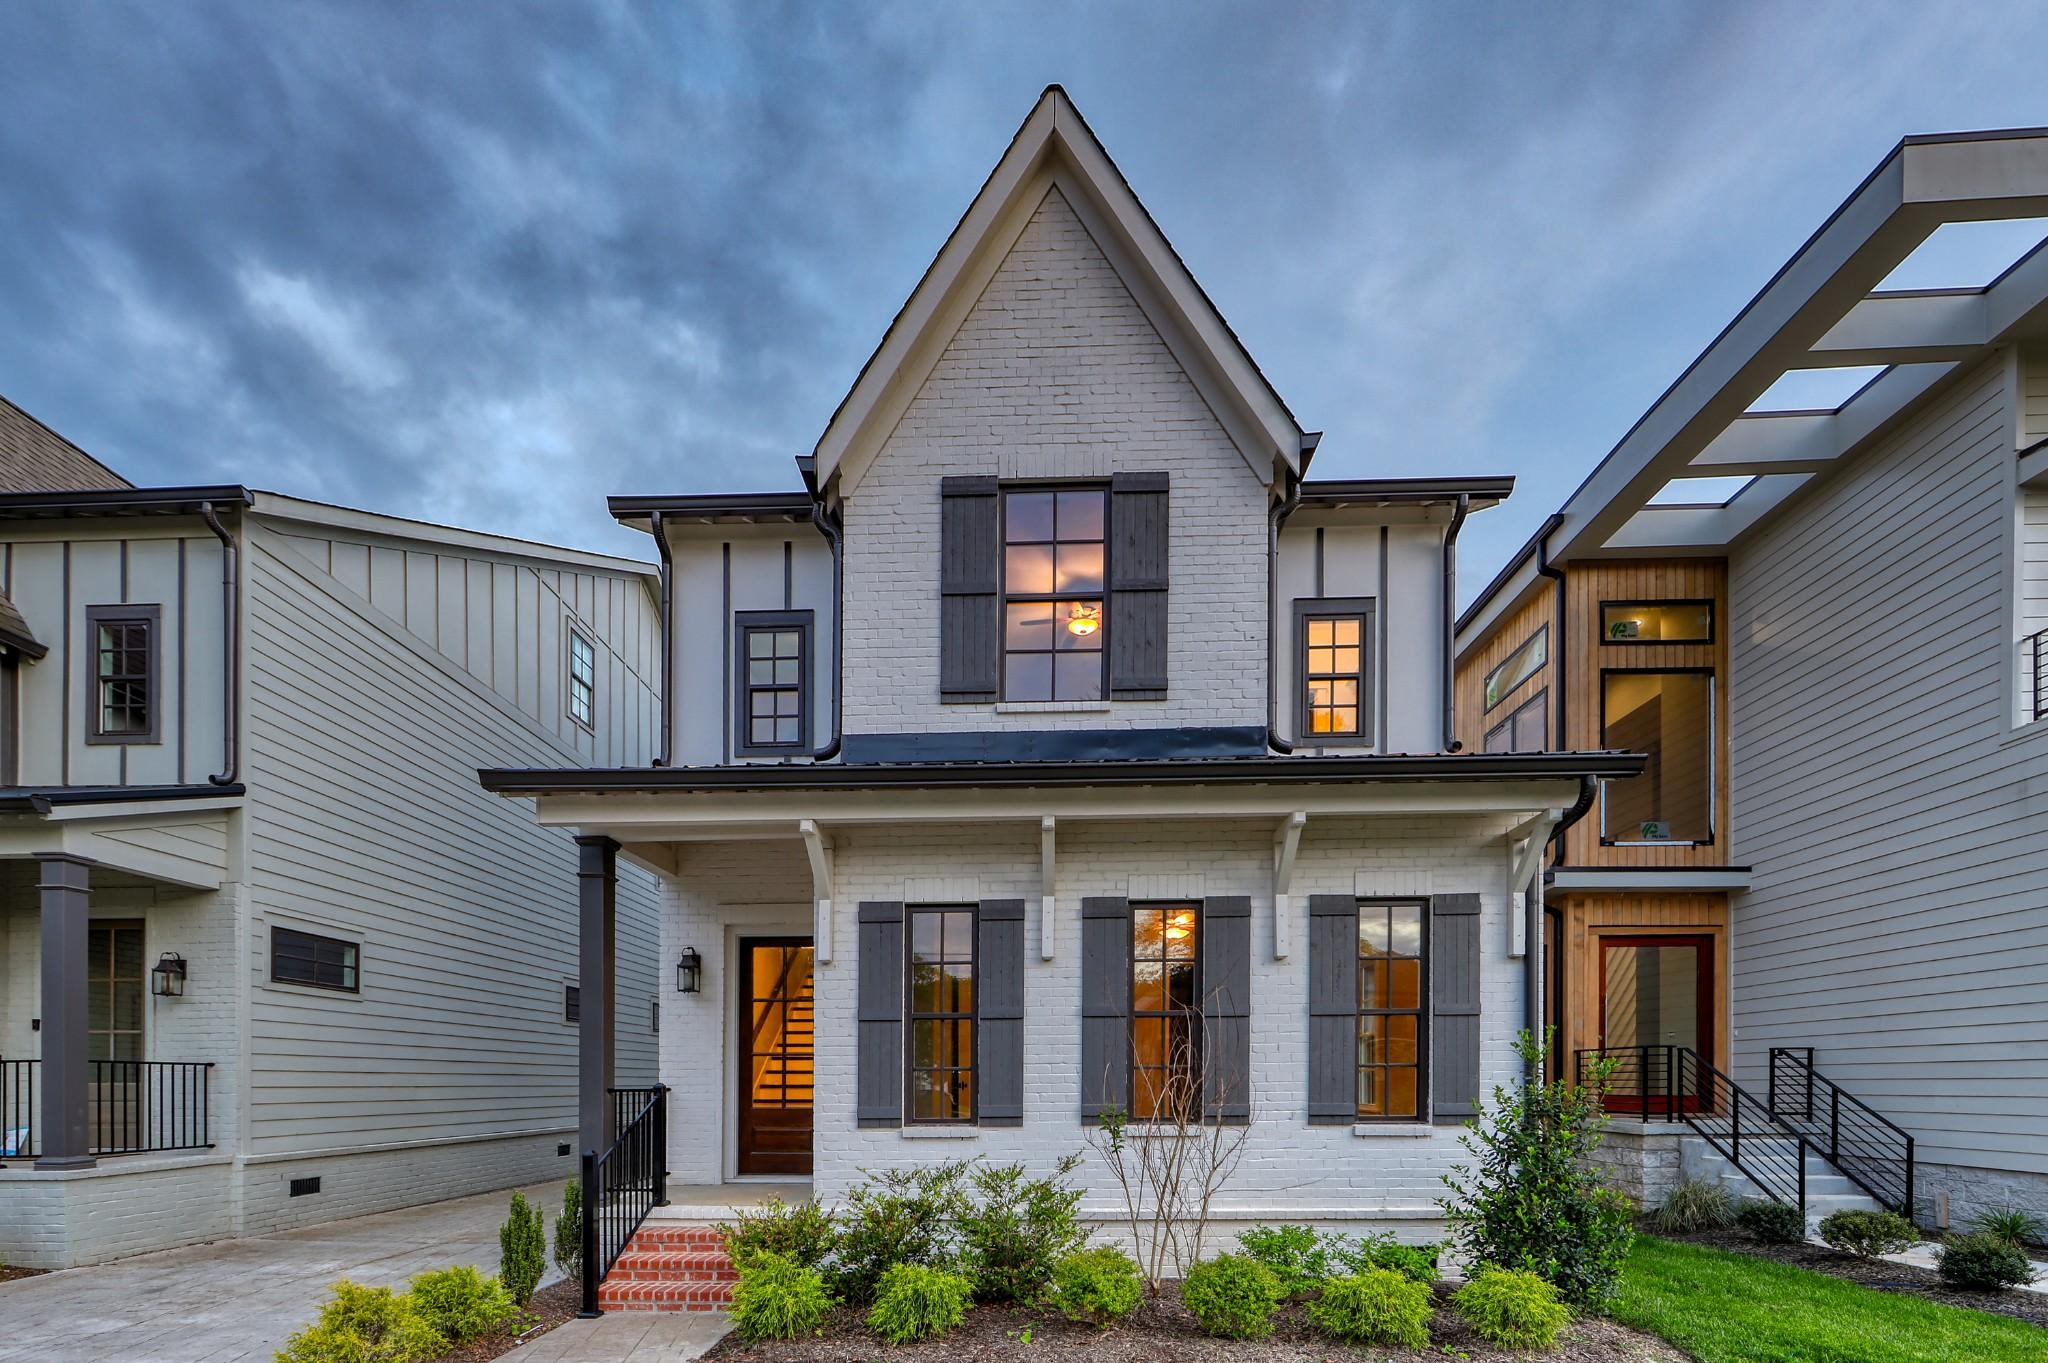 4005B Woodmont Blvd #B Property Photo